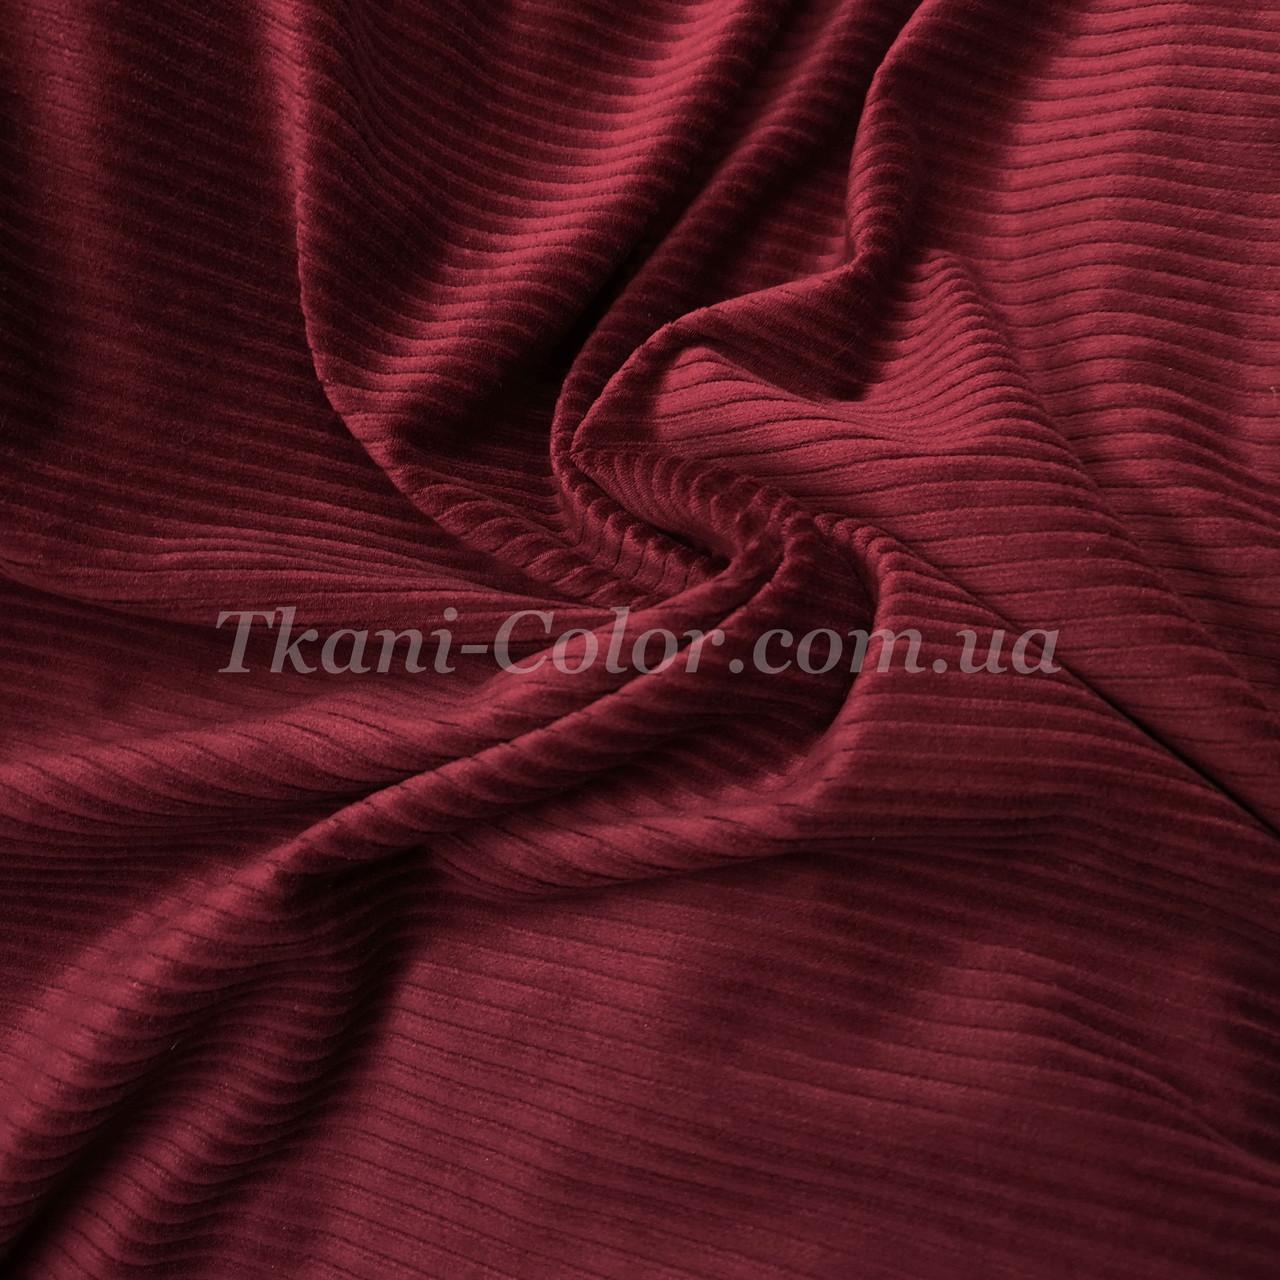 Ткань вельвет костюмно-плательный бордовый